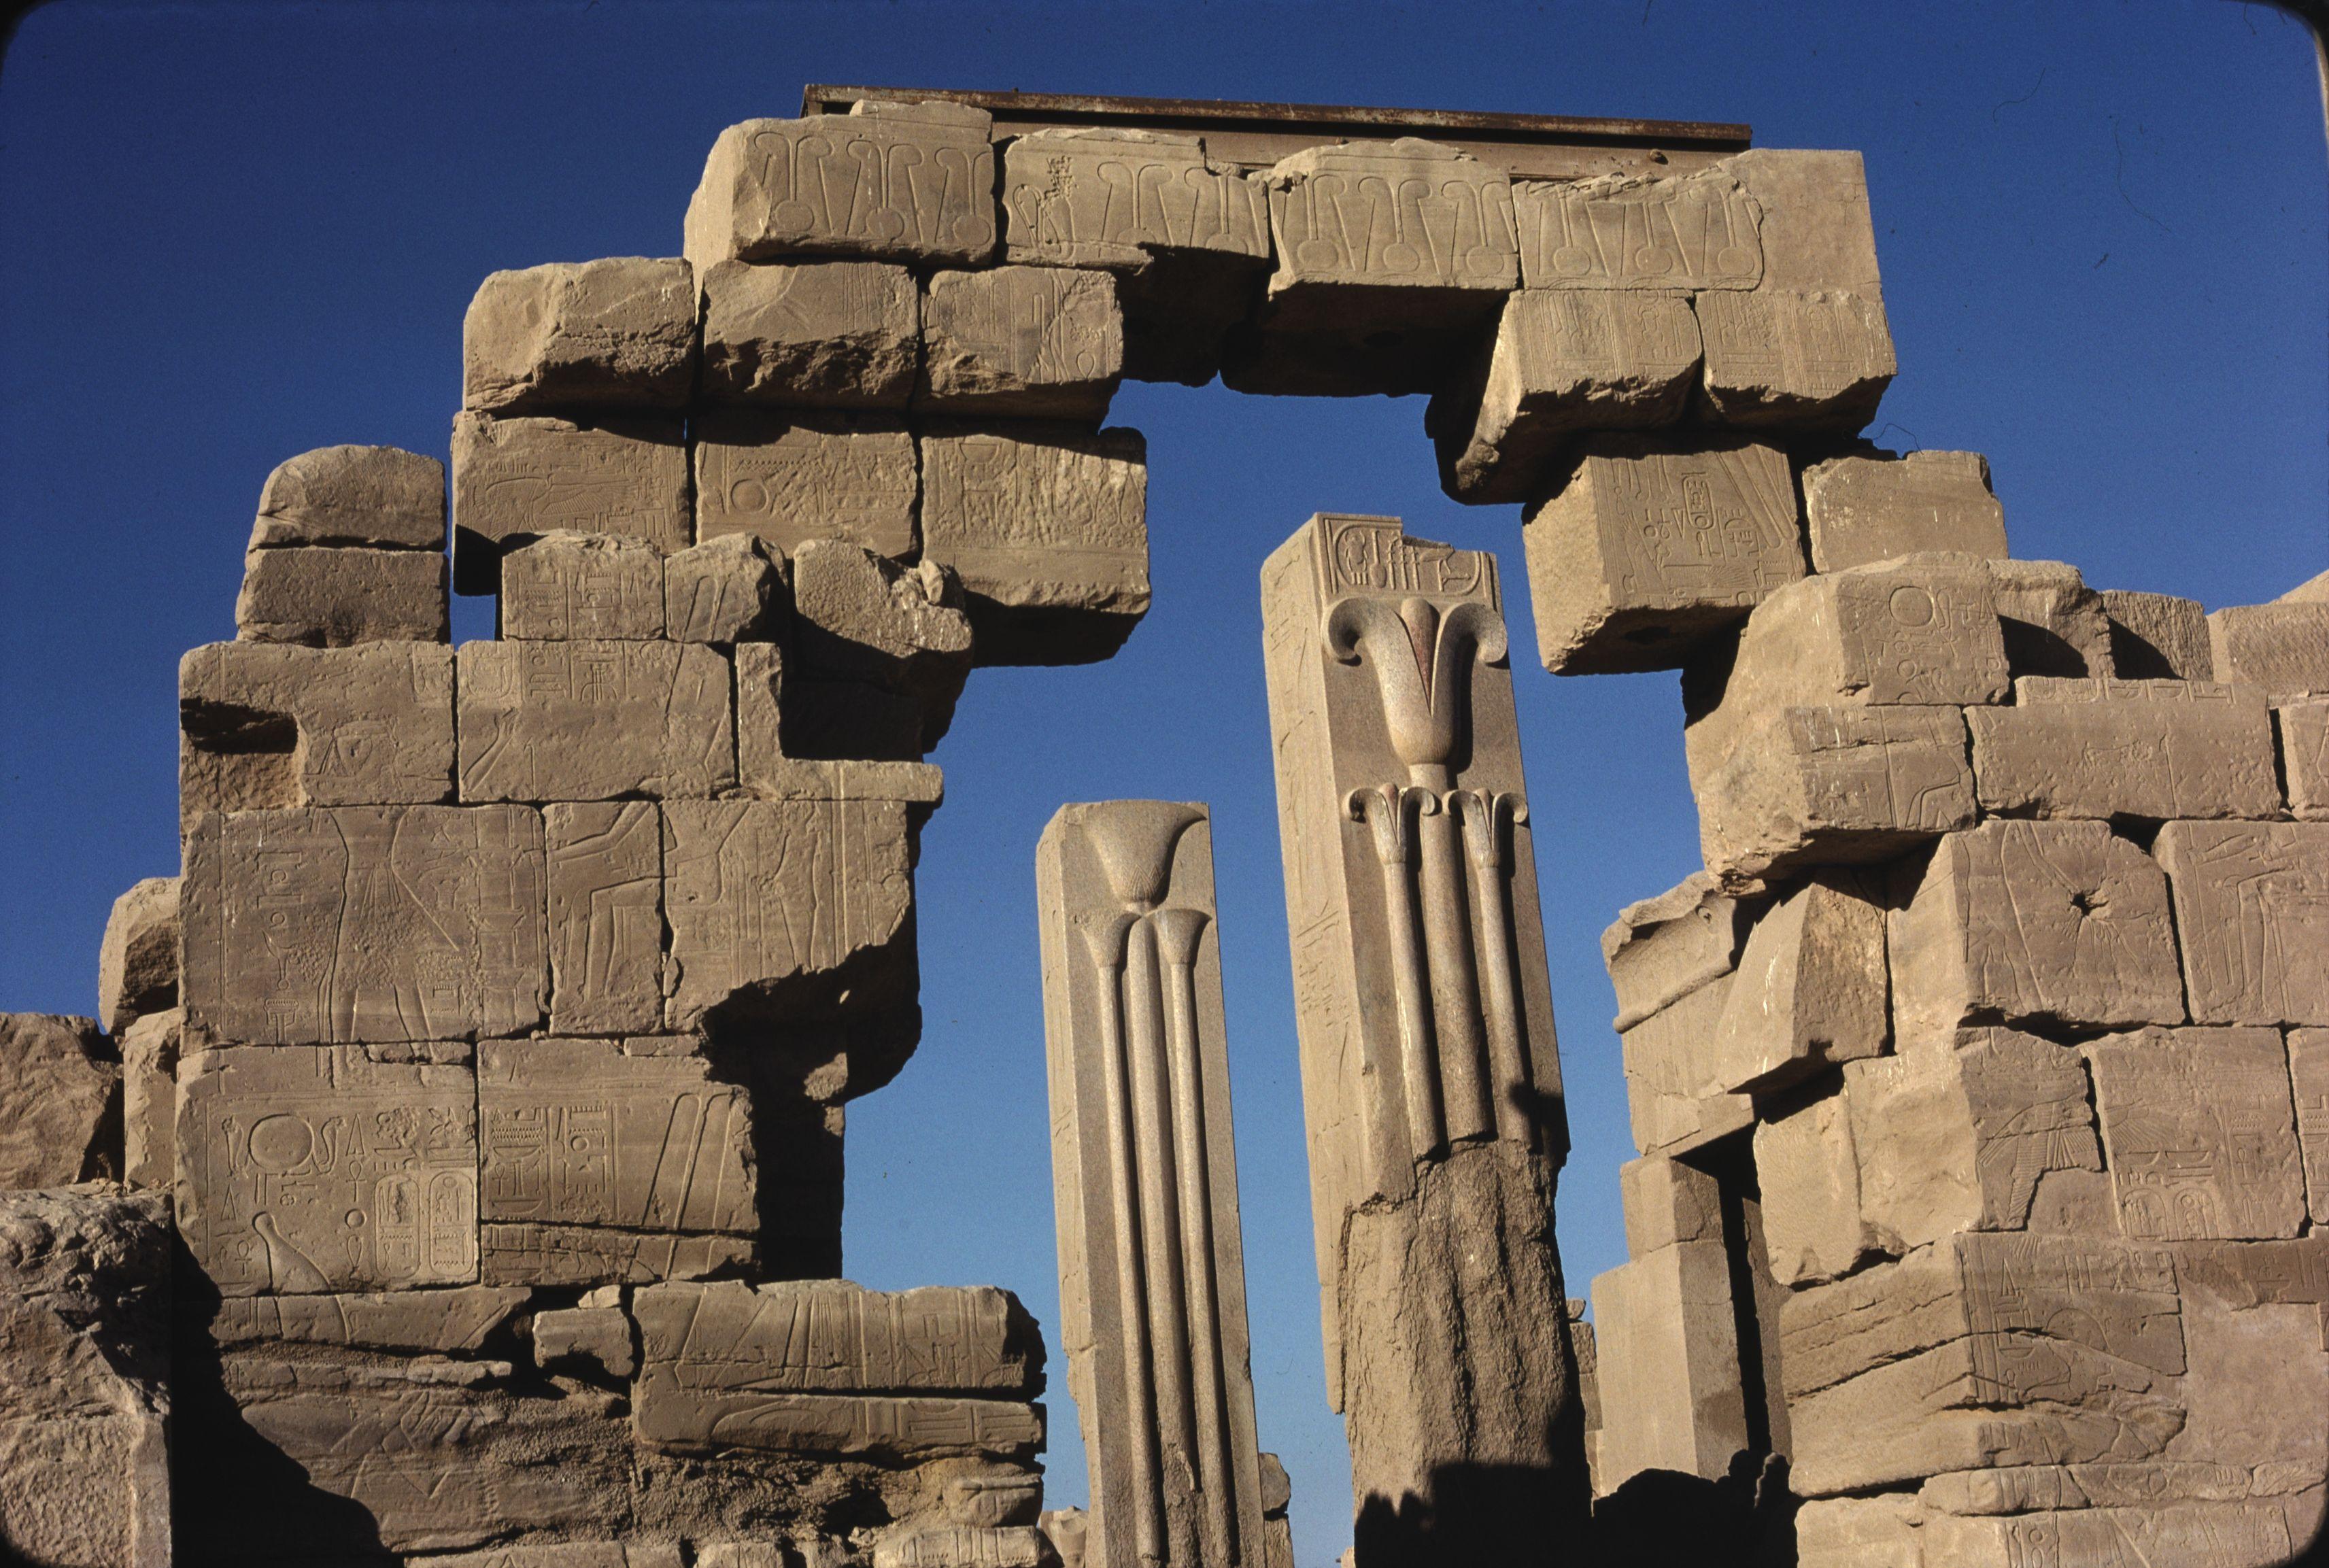 «Зал анналов» Тутмоса III. На гранитных столбах изображены символы Нижнего и Верхнего Египта –лилия и папирус